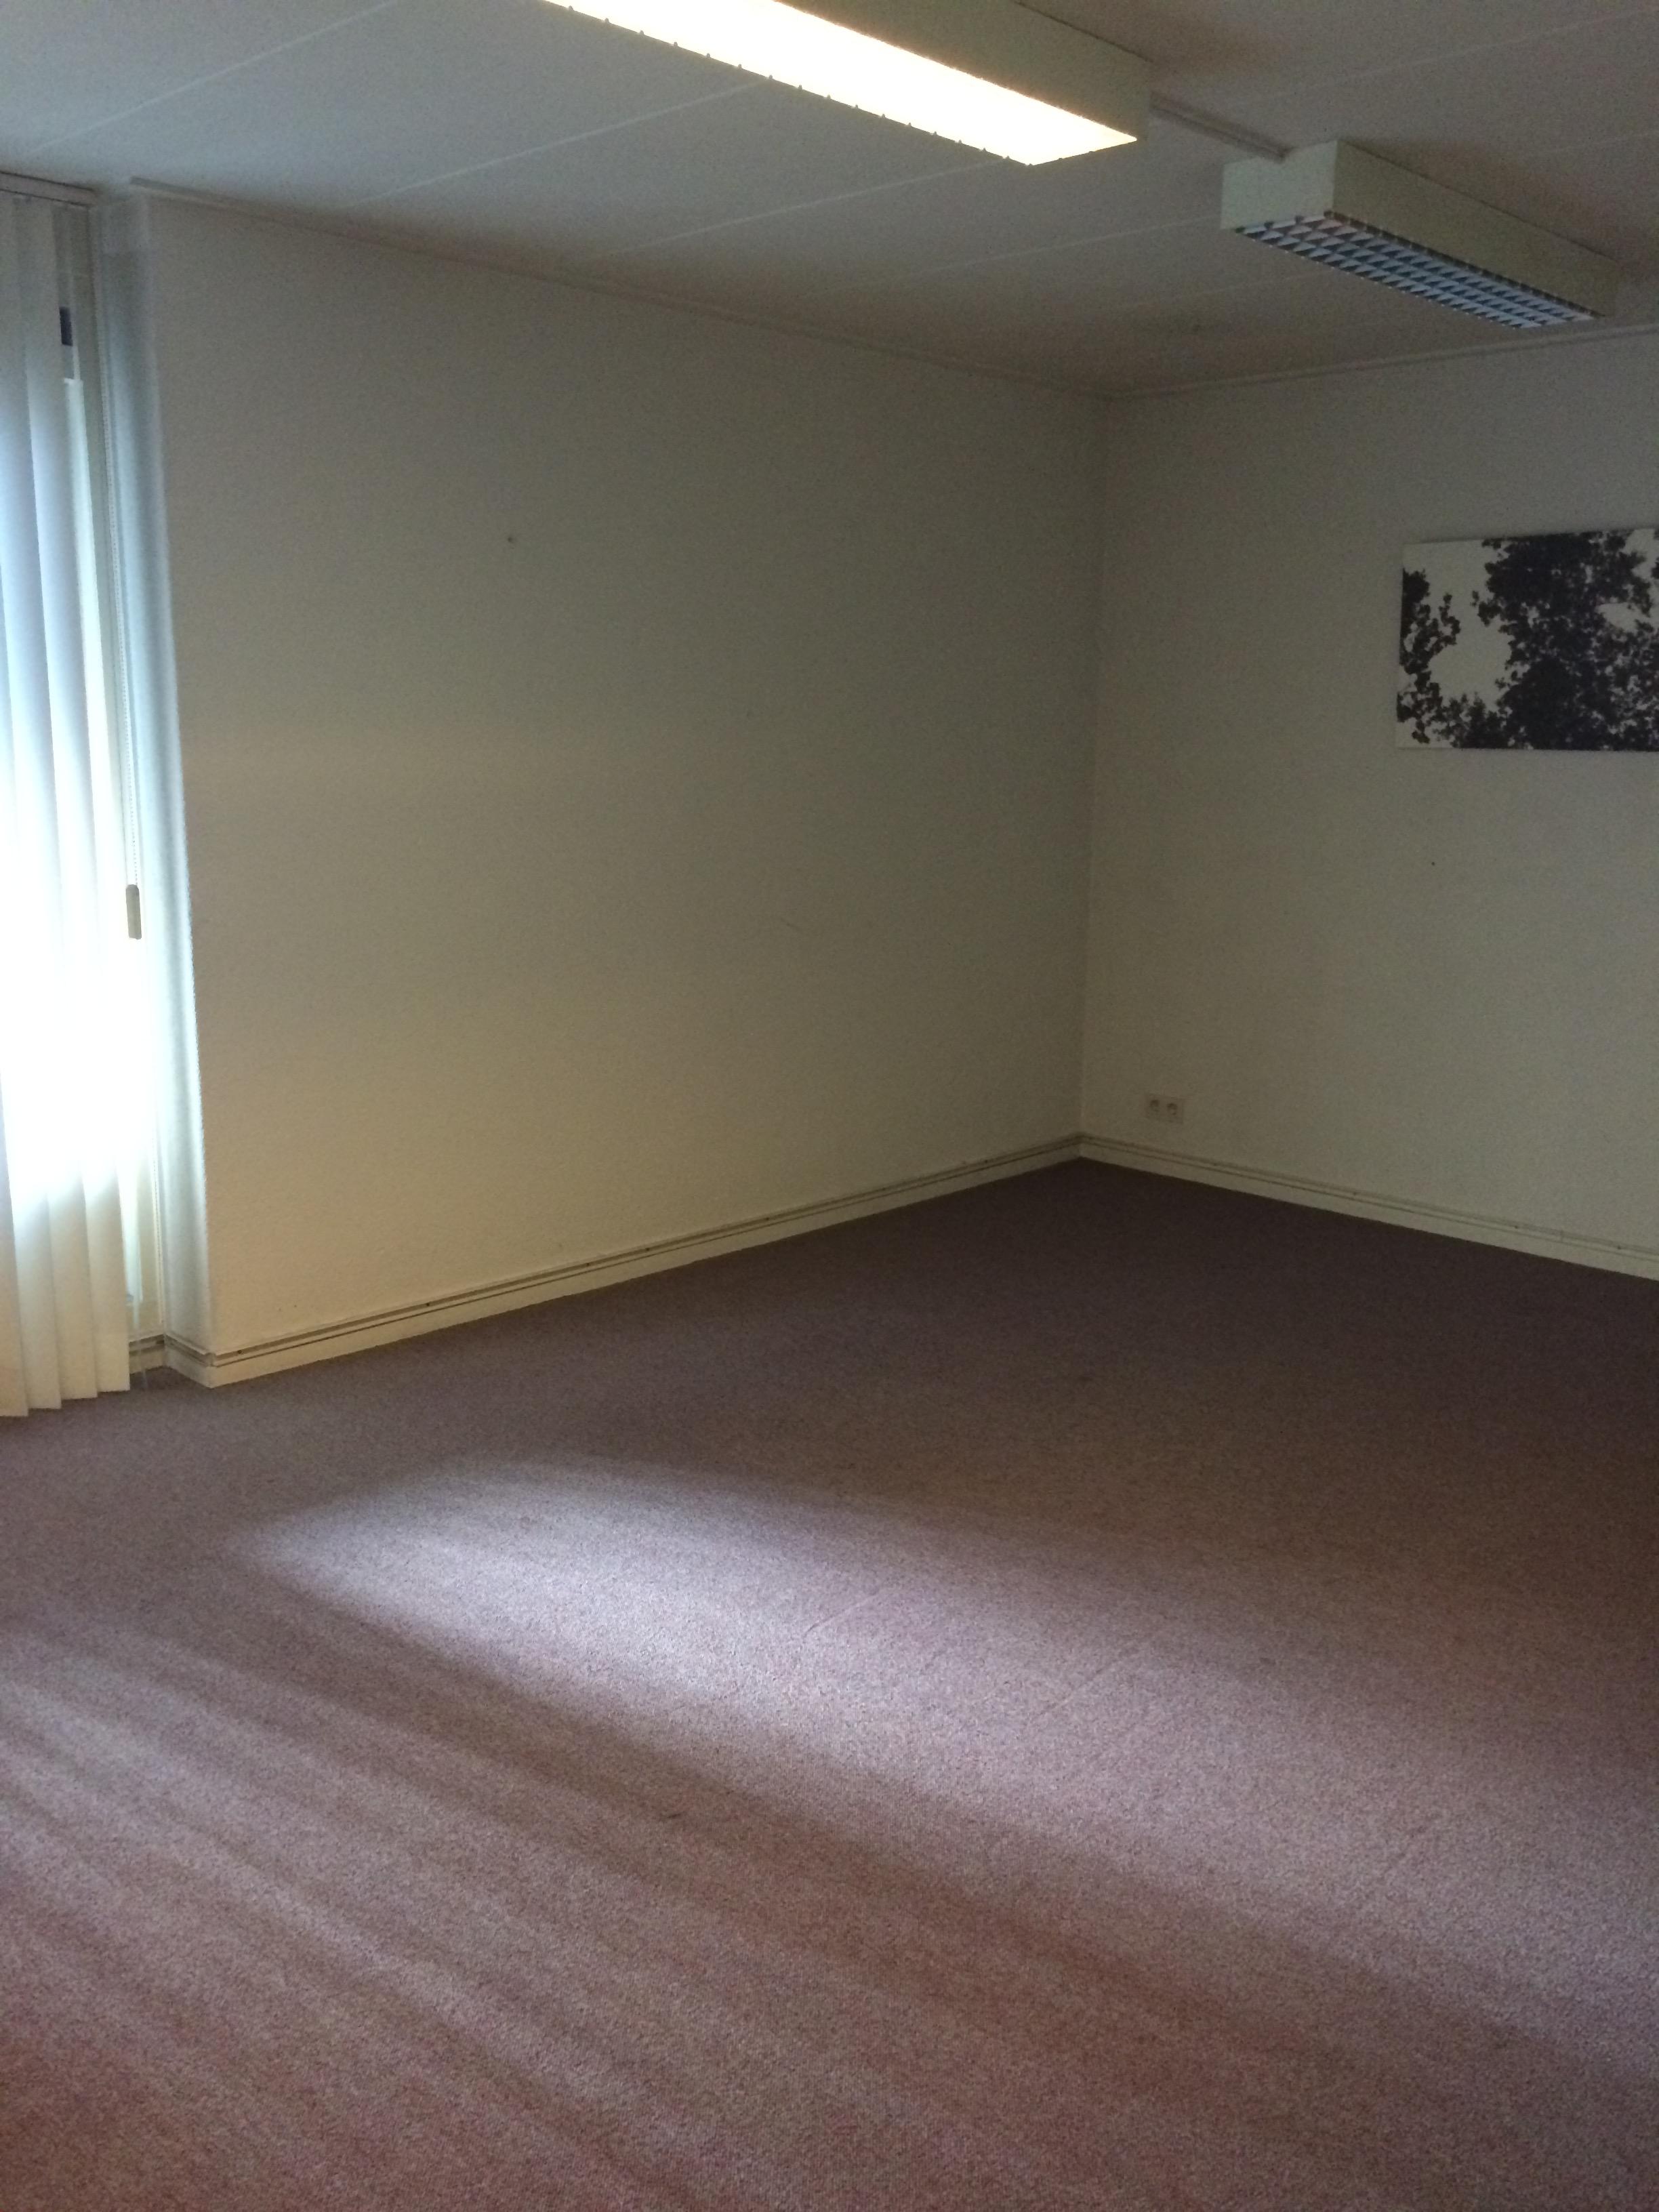 Te huur 2041 appartement in het centrum van enschede twents vast enschede - Deco van het appartement ...